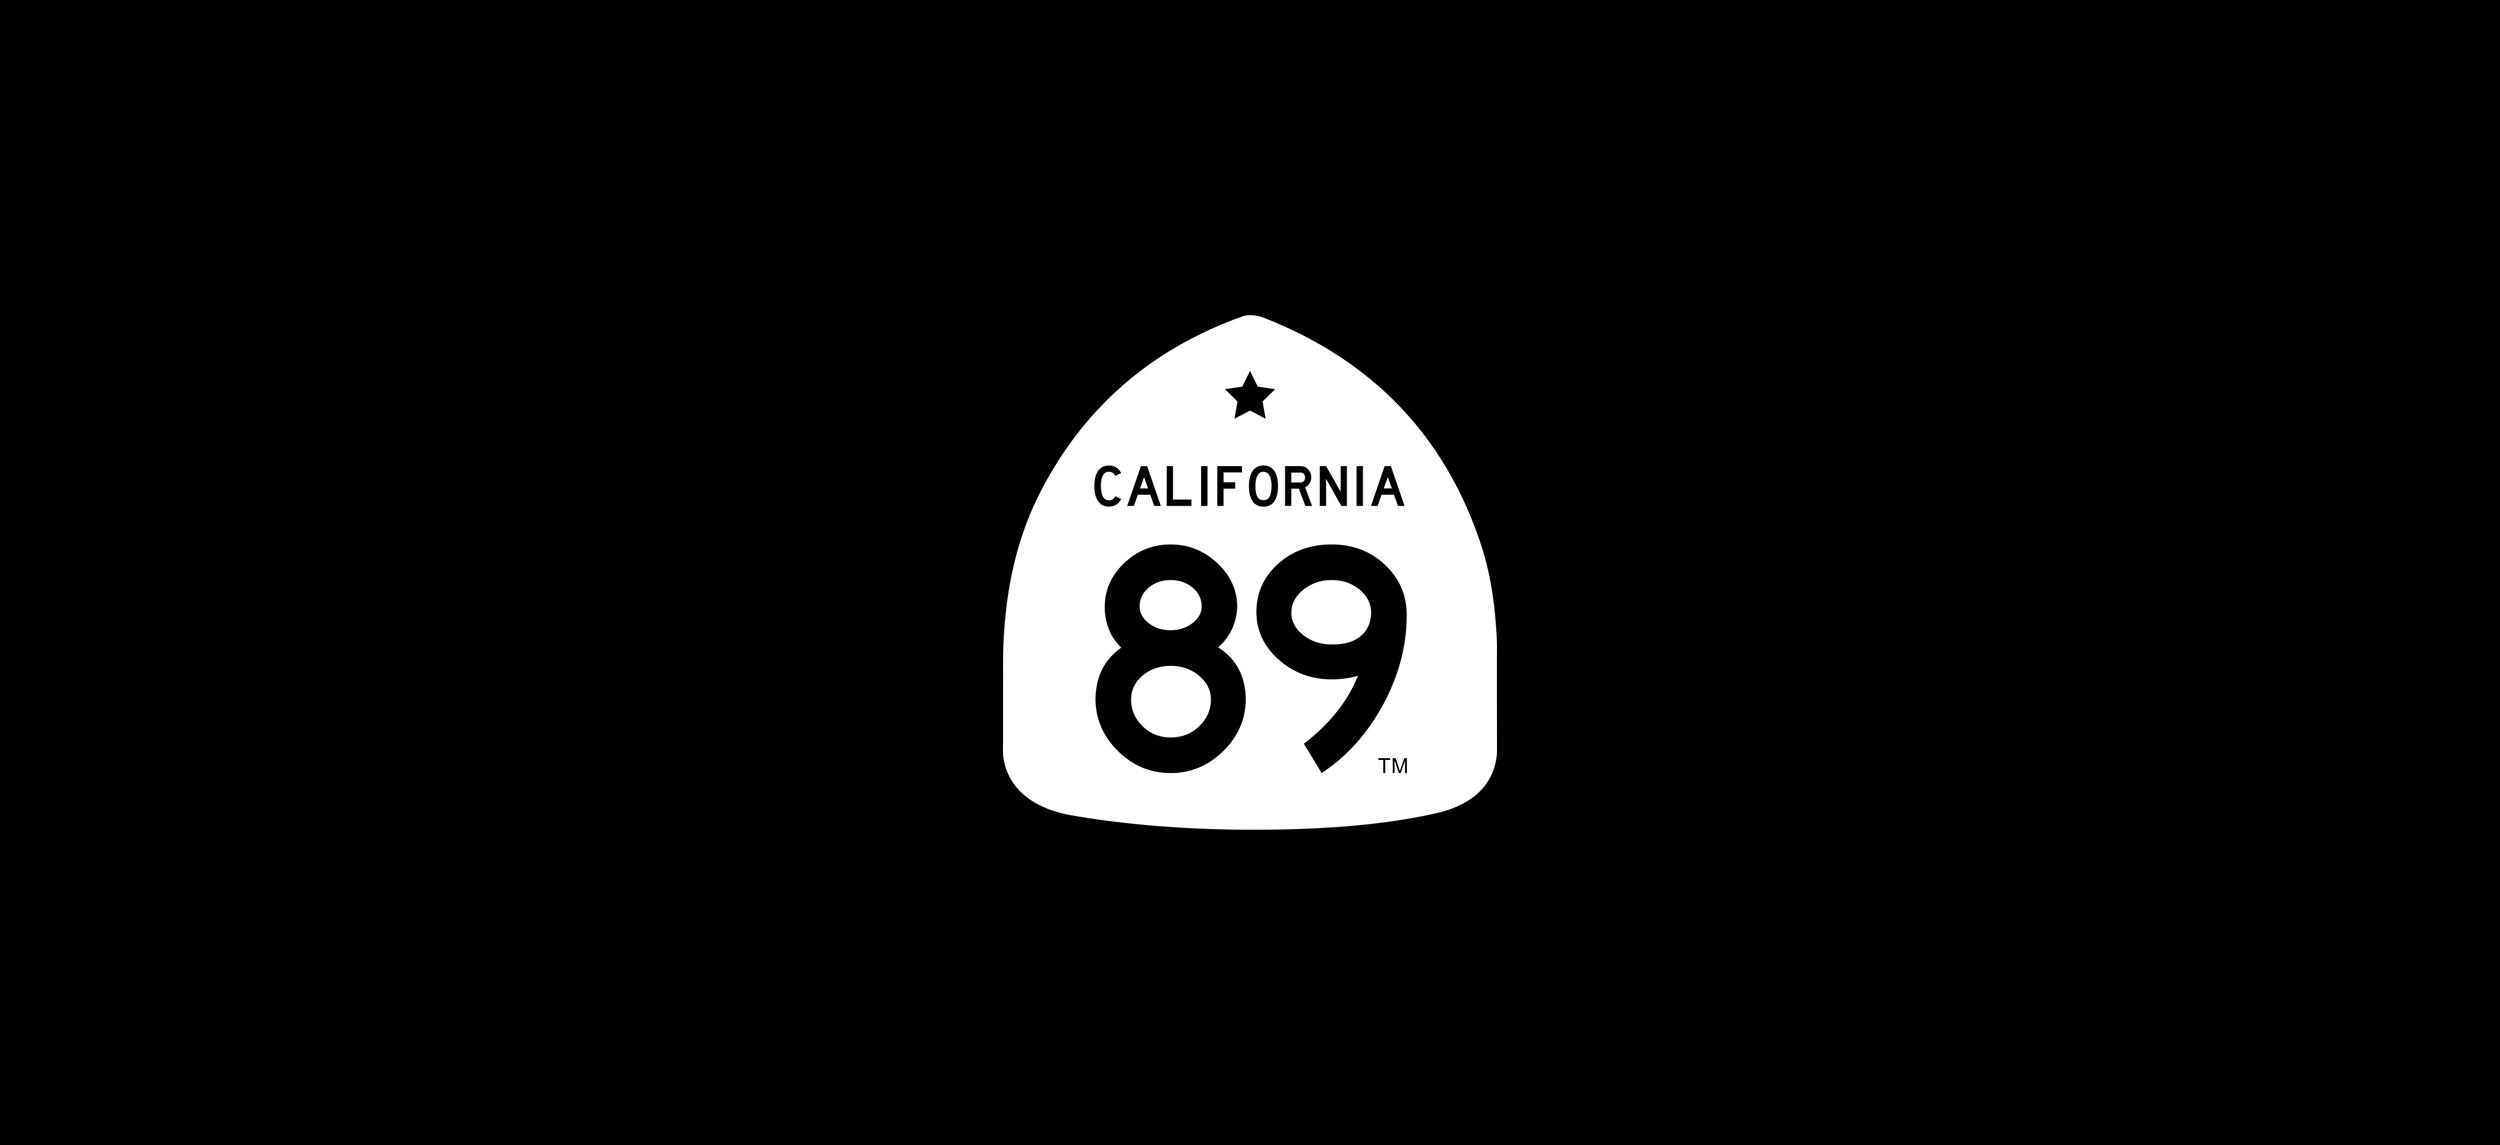 CA89_Logo.jpg